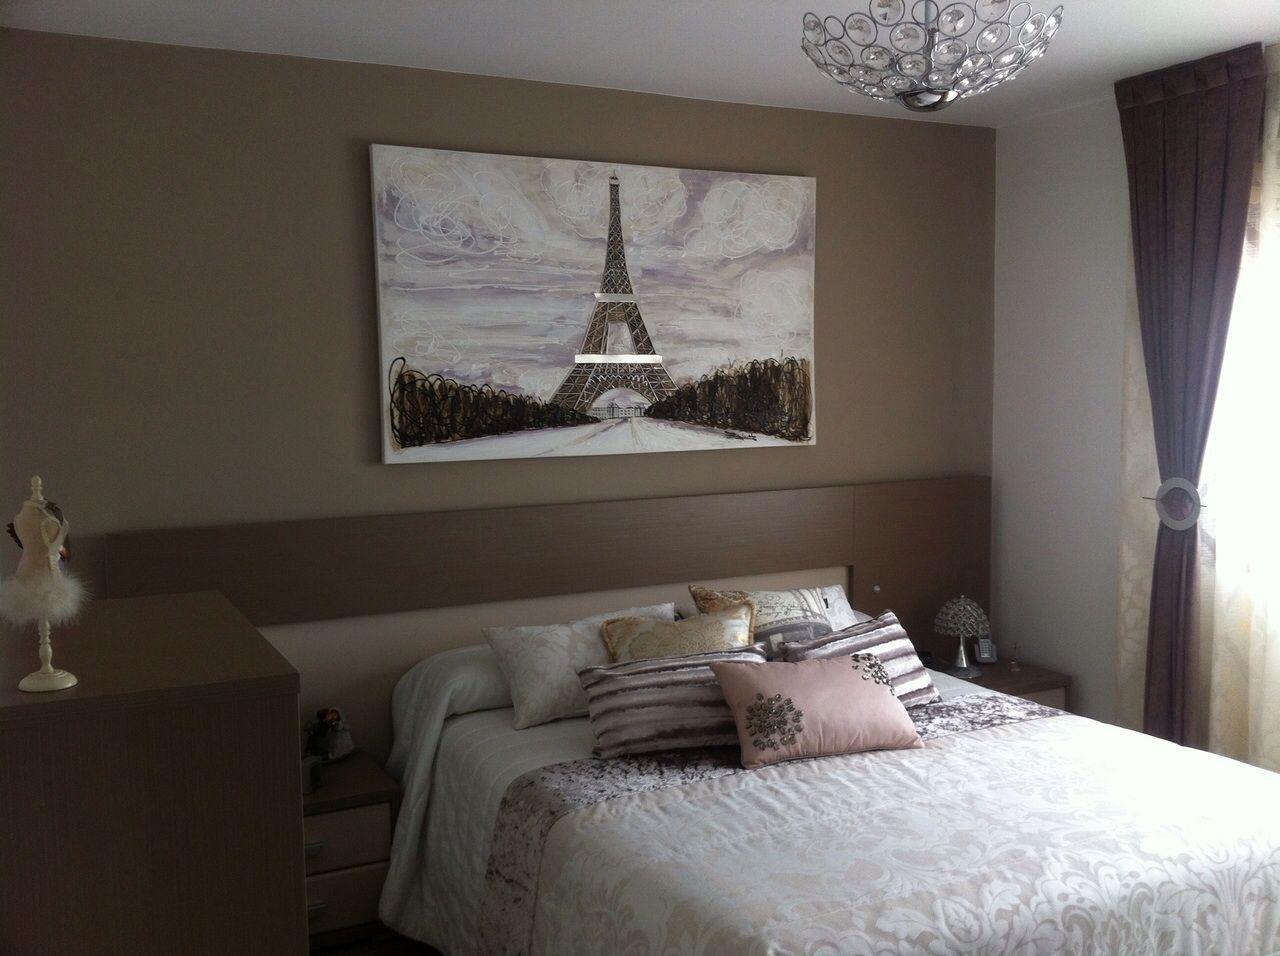 Cuadro de par s en el cabecero del dormitorio una combinaci n ideal y muy bonita en casas de - Cuadro cabecero ...